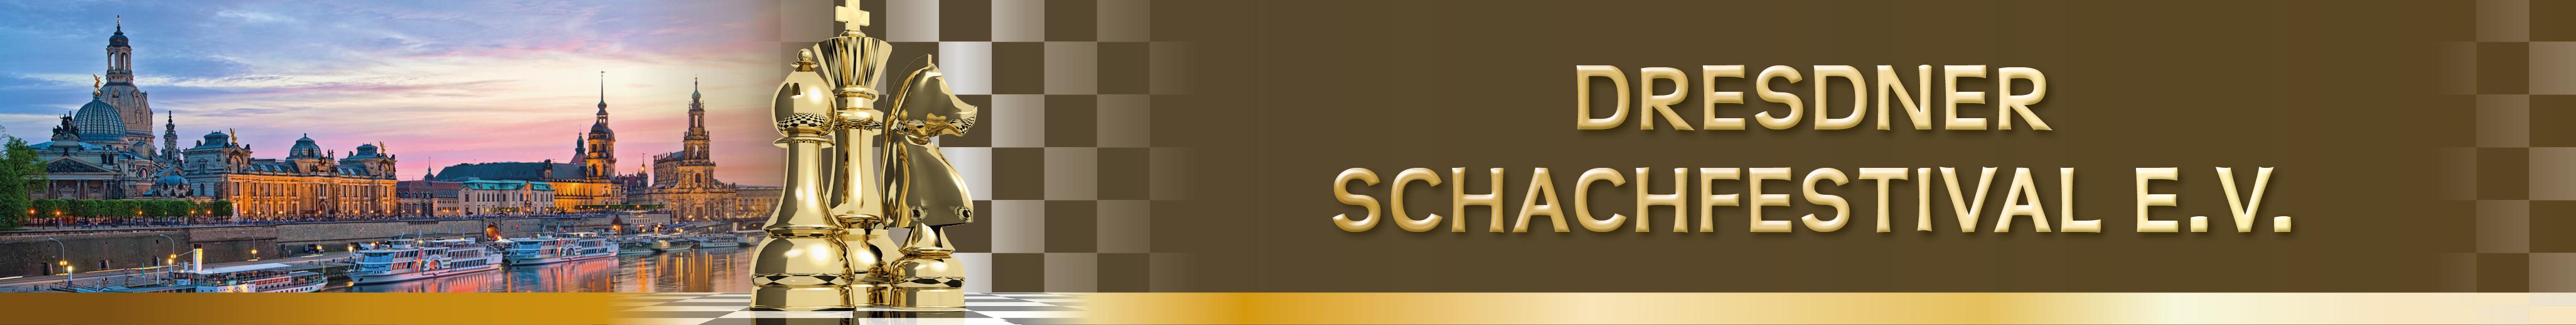 Kopfbild Dresdner Schachfestival e.V.